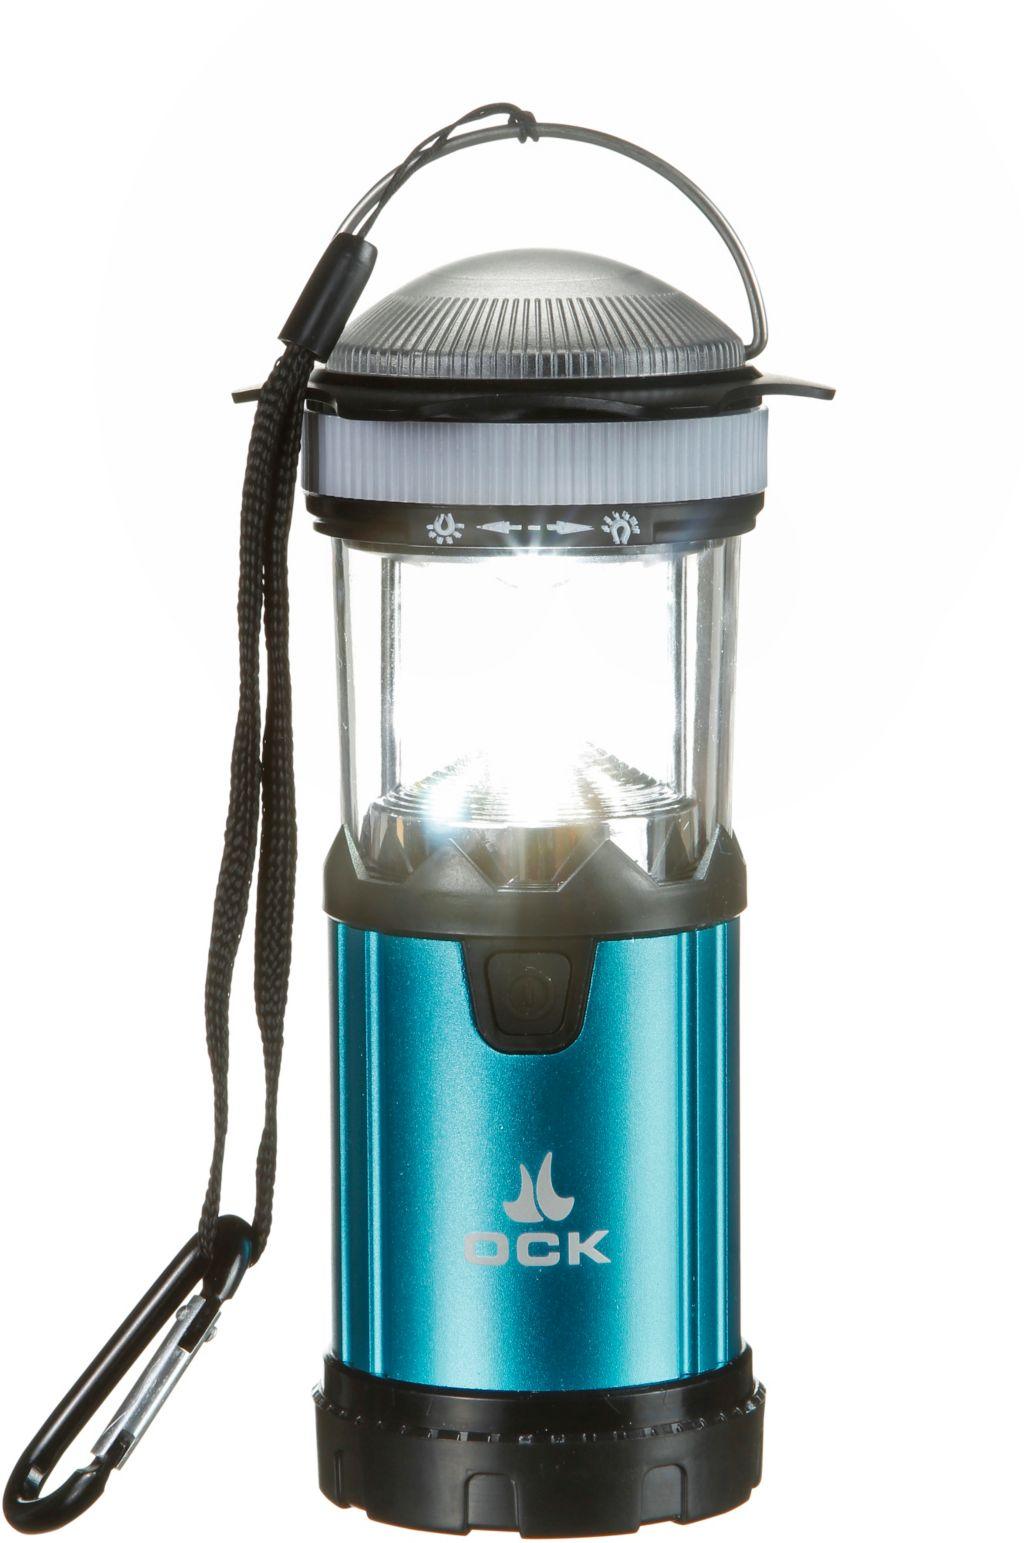 Campinglampe in blau